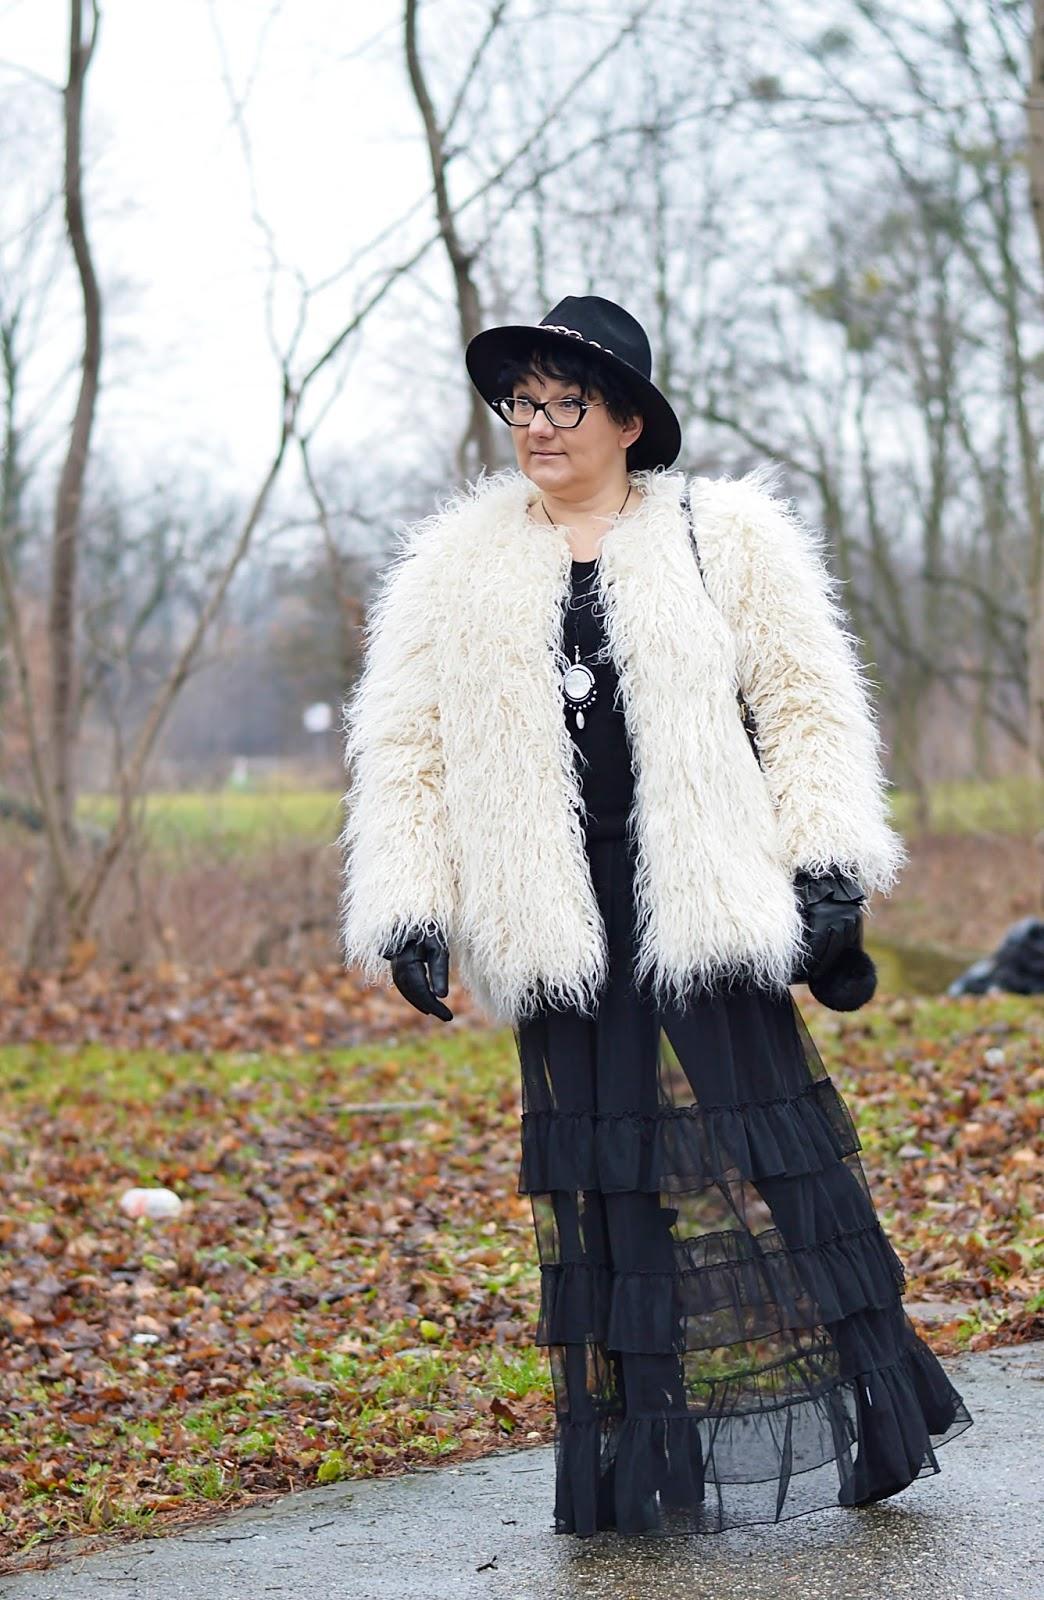 Winter Hat - Zimowy Kapelusz